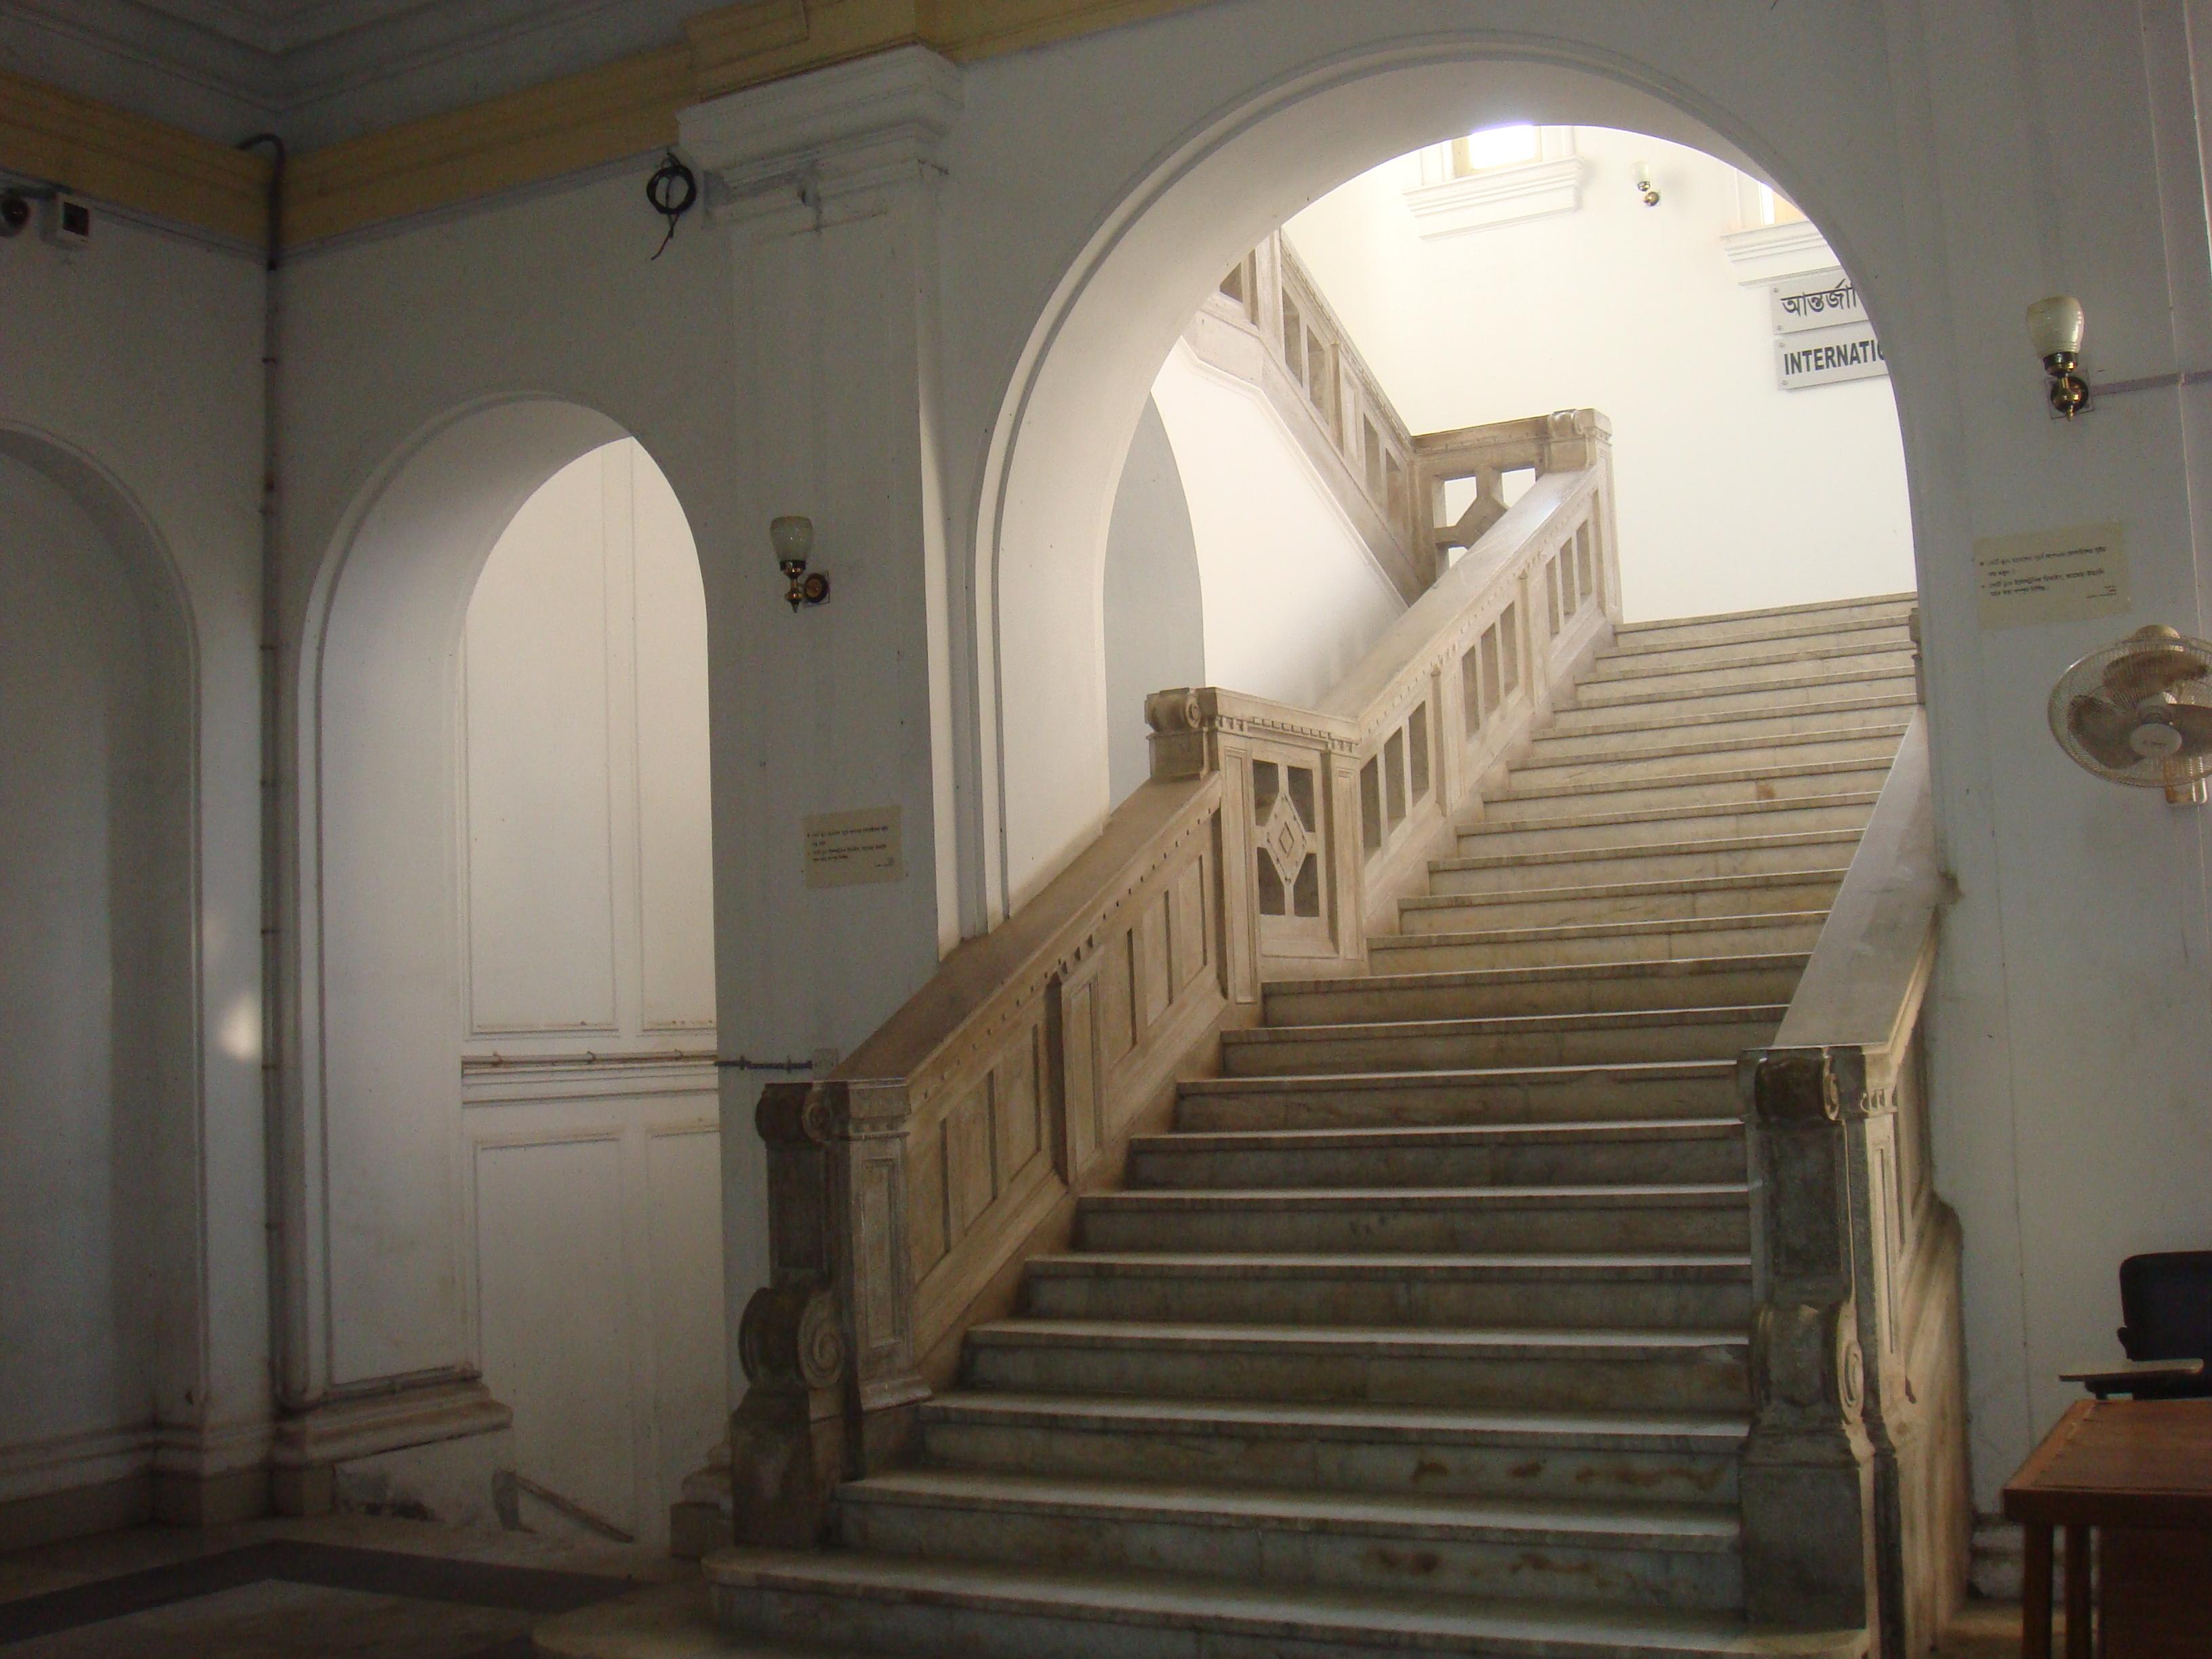 FileINTERIOR STAIRS VIEW OLD HIGH COURTDHAKAJPG